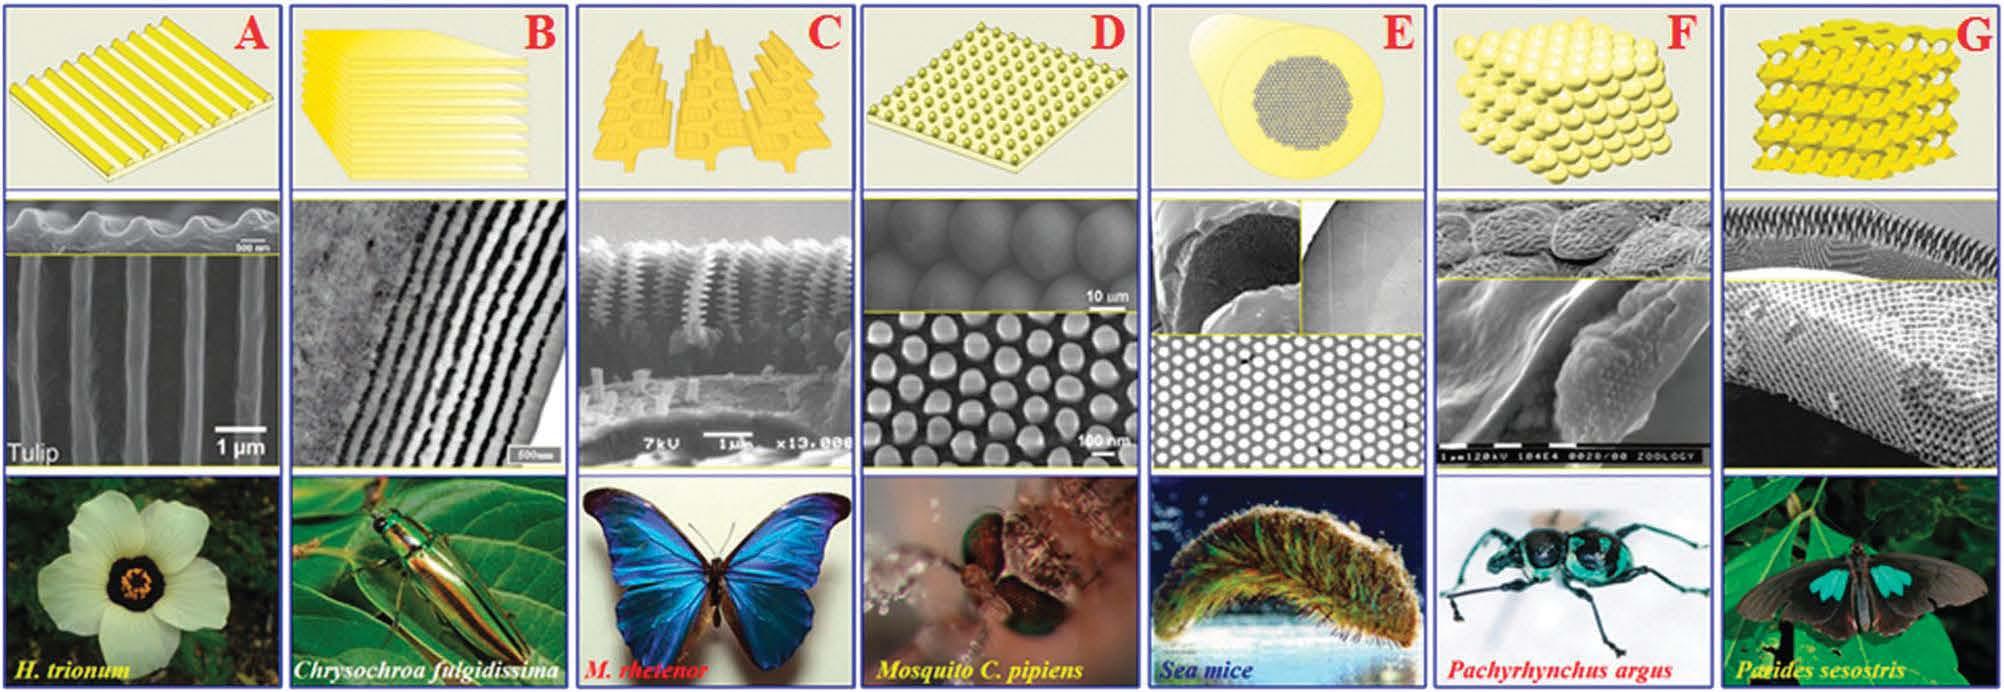 Оптика в ботанике: структурный цвет ягод калины тинус - 4